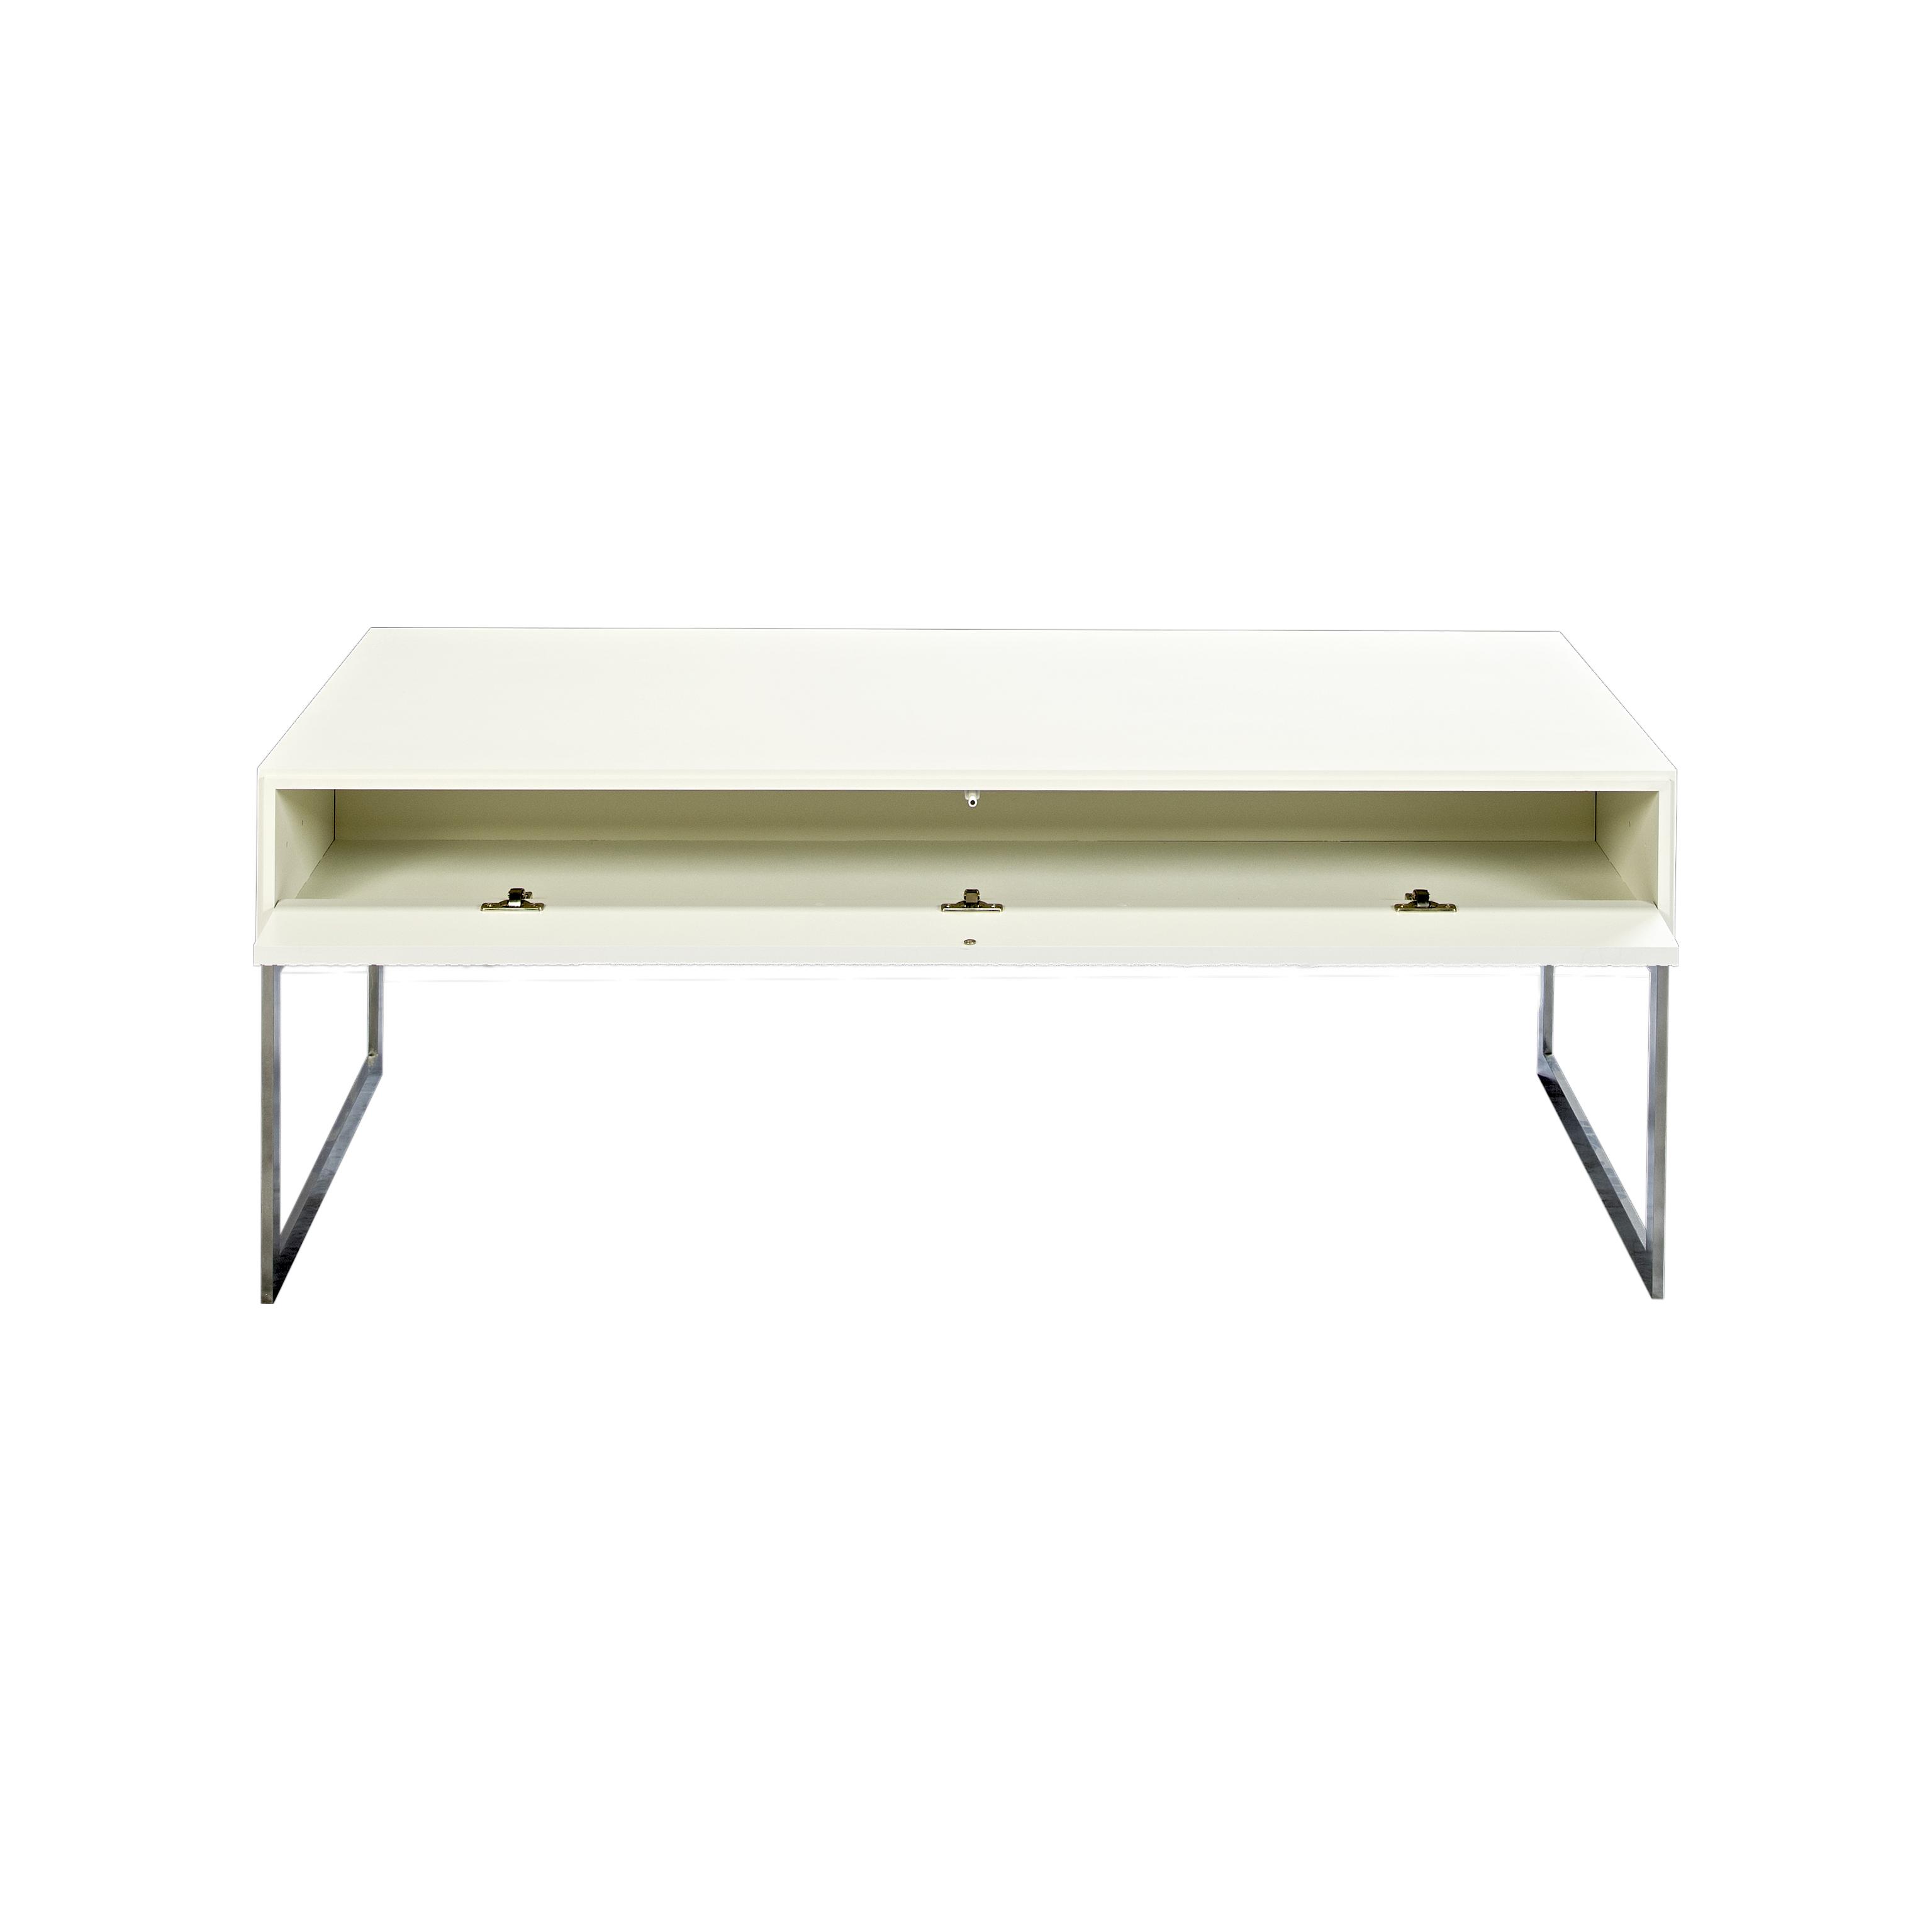 Line Soffbord rektangulärt White med benställning och öppen lucka - englesson.se